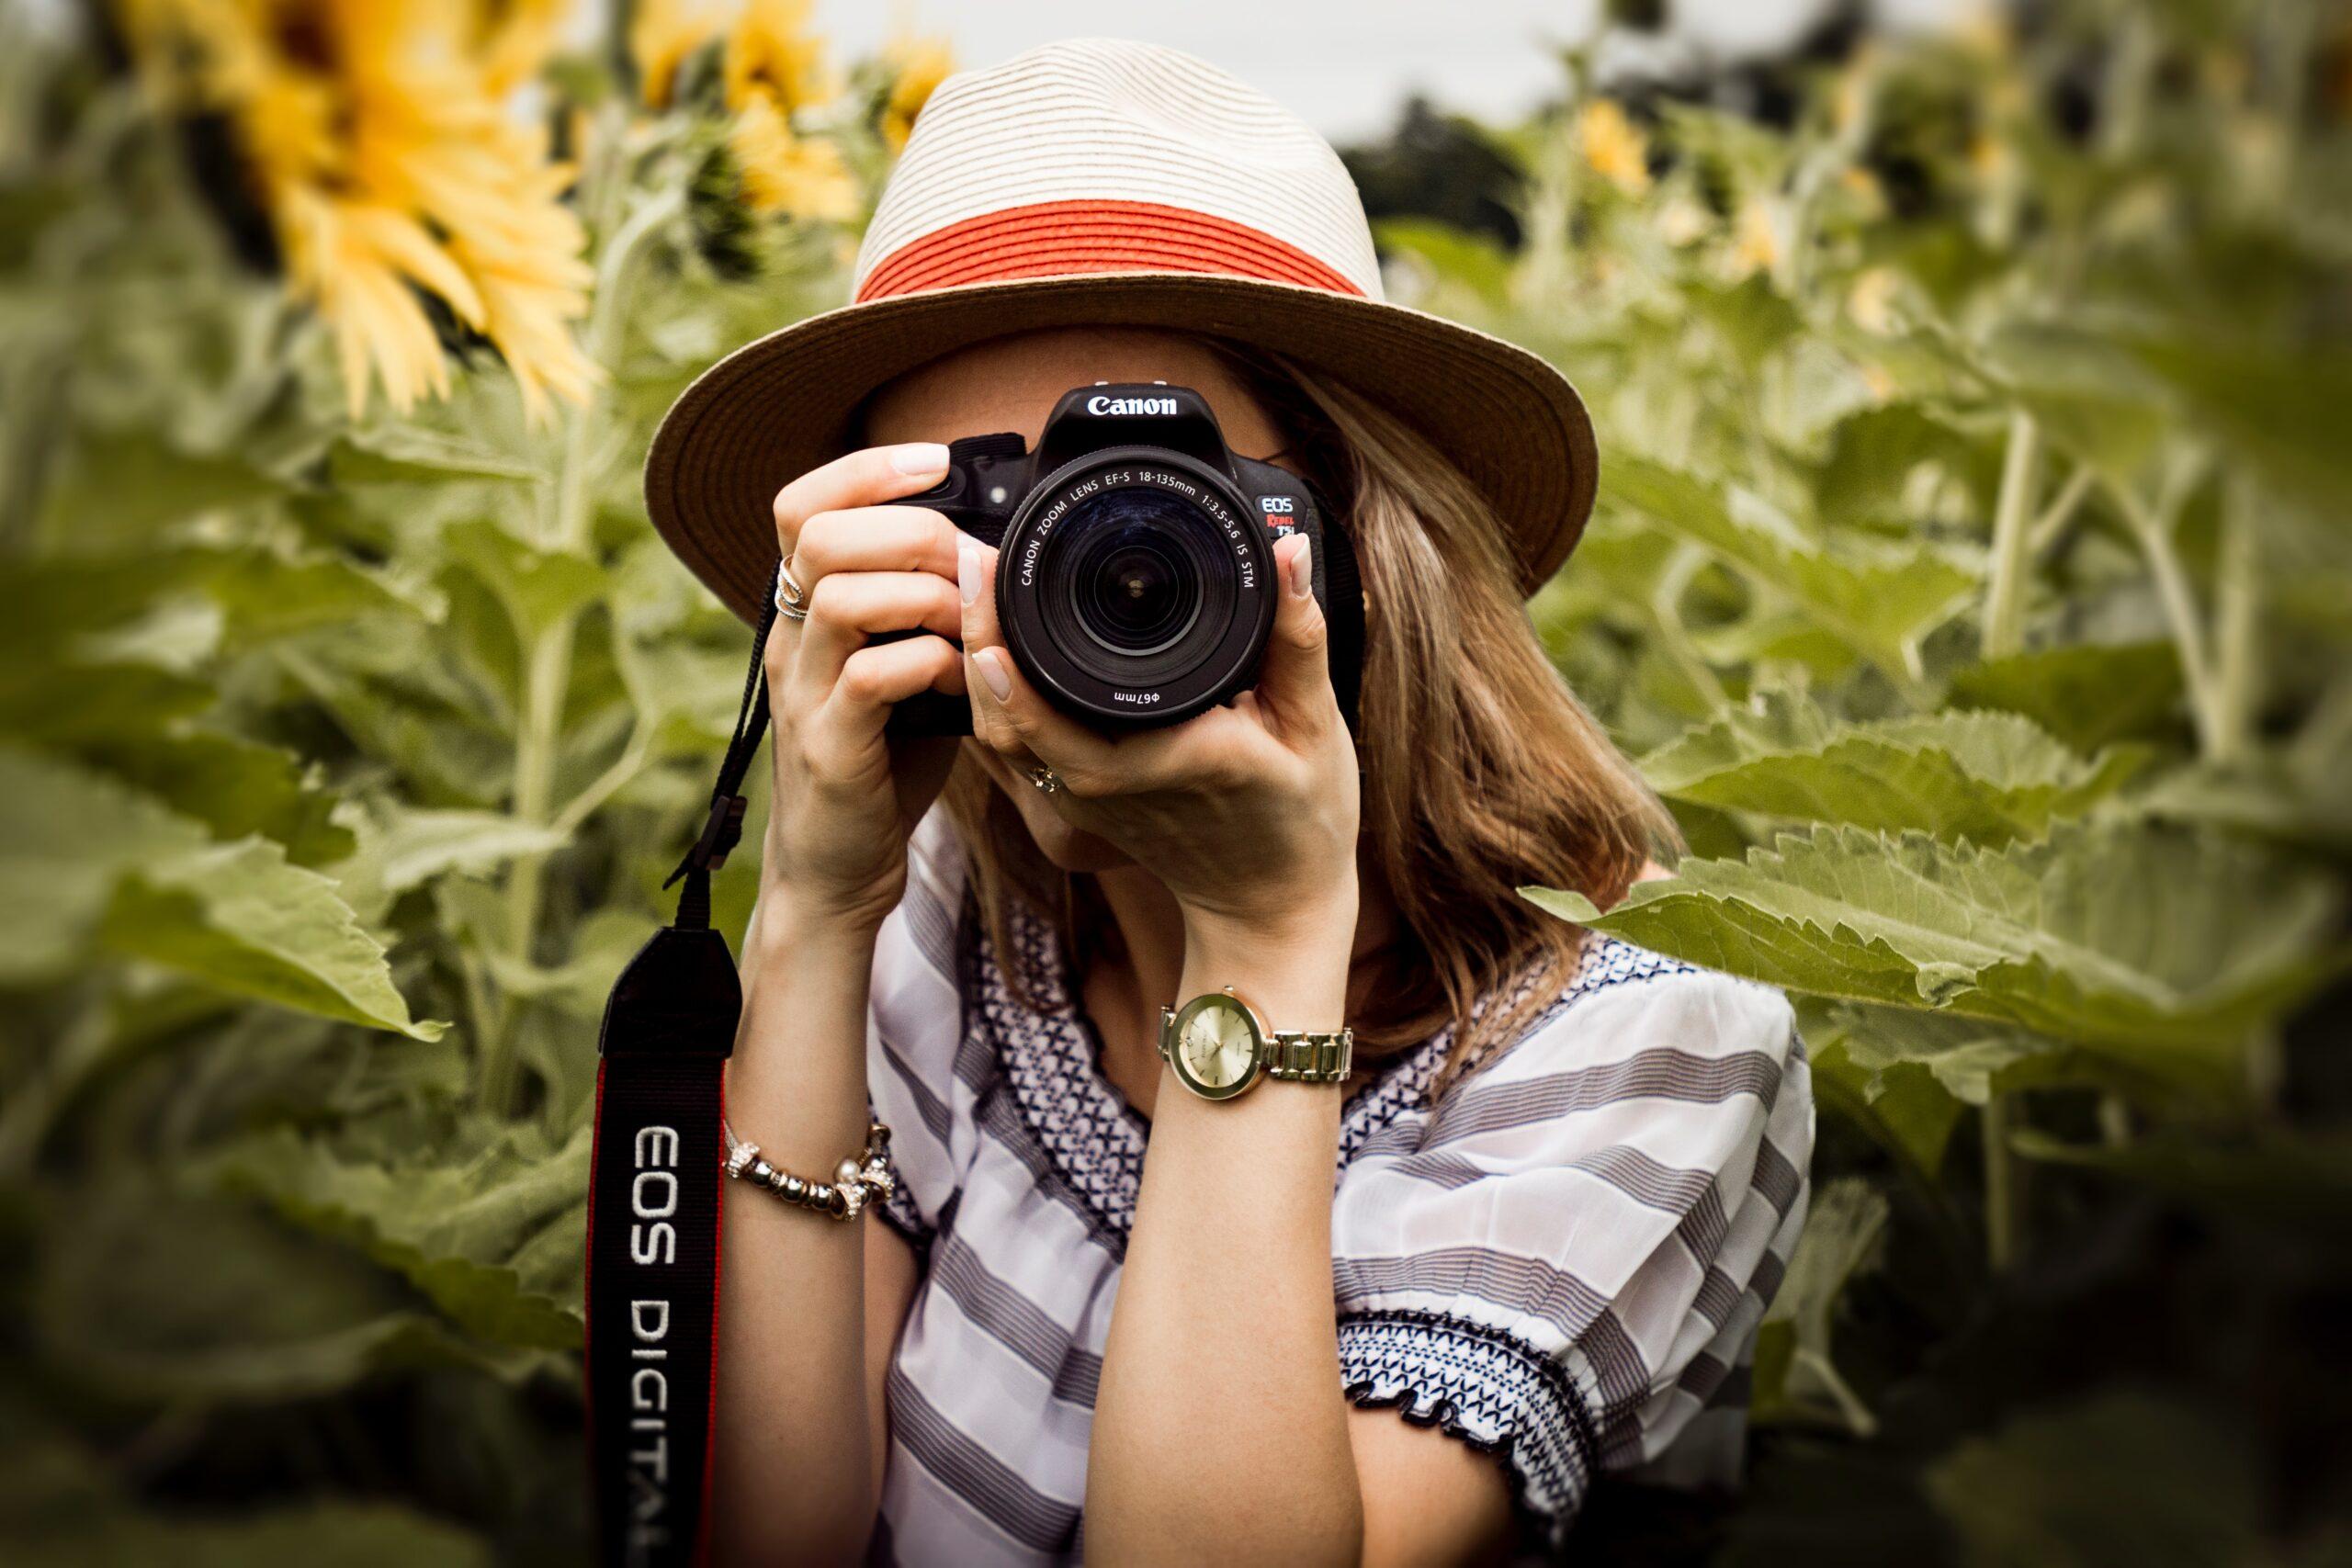 Publikacja cudzej fotografii – czy zawsze wymagana jest zgoda twórcy?